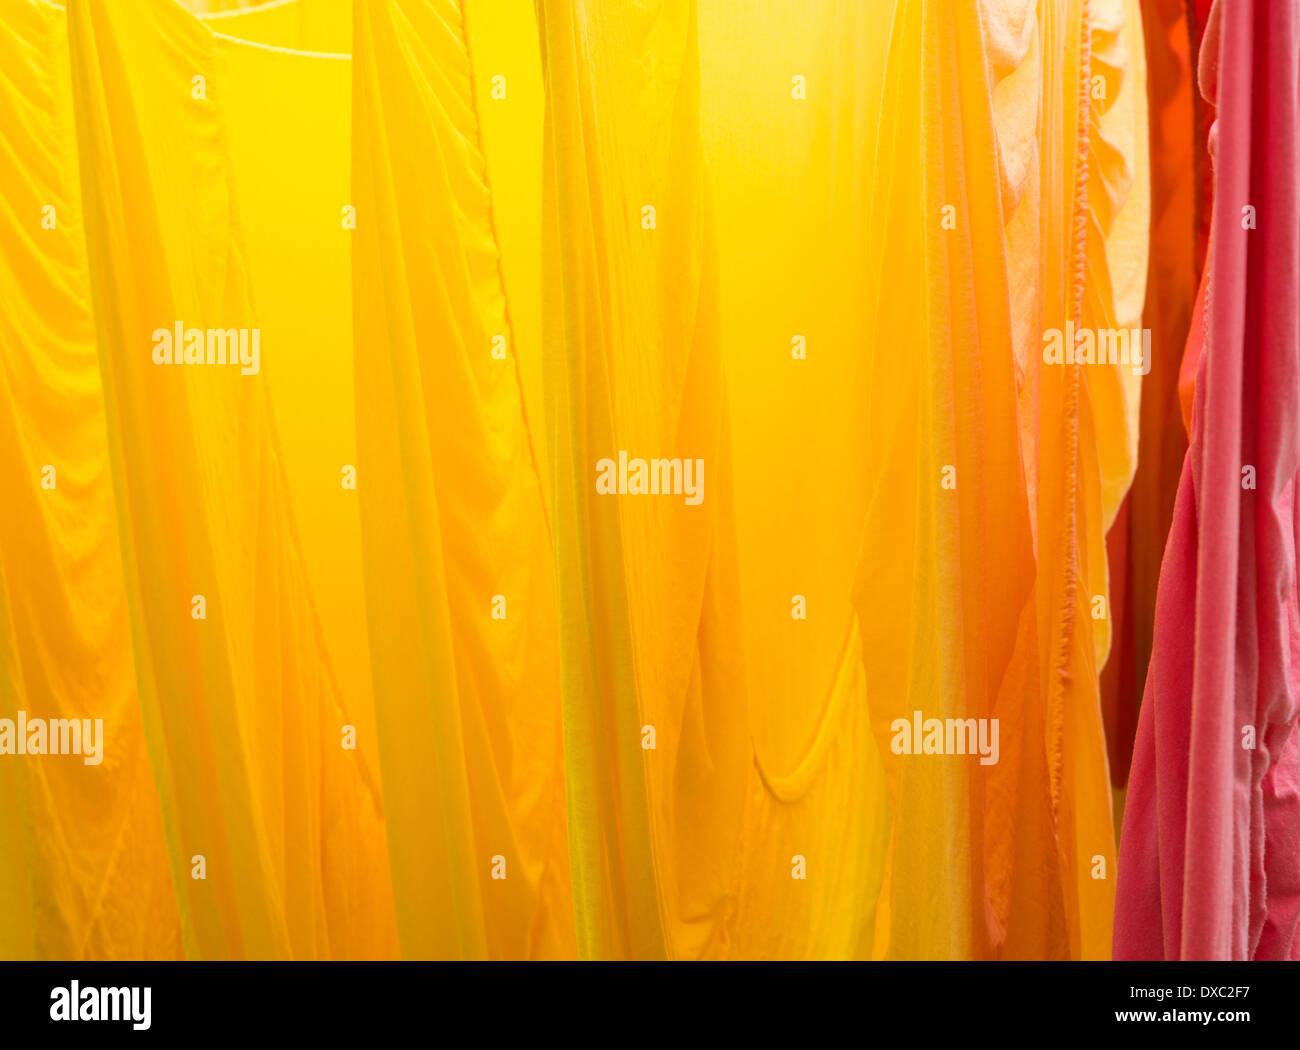 Giallo arancione e rosso lenzuola colorate e luminose Immagini Stock